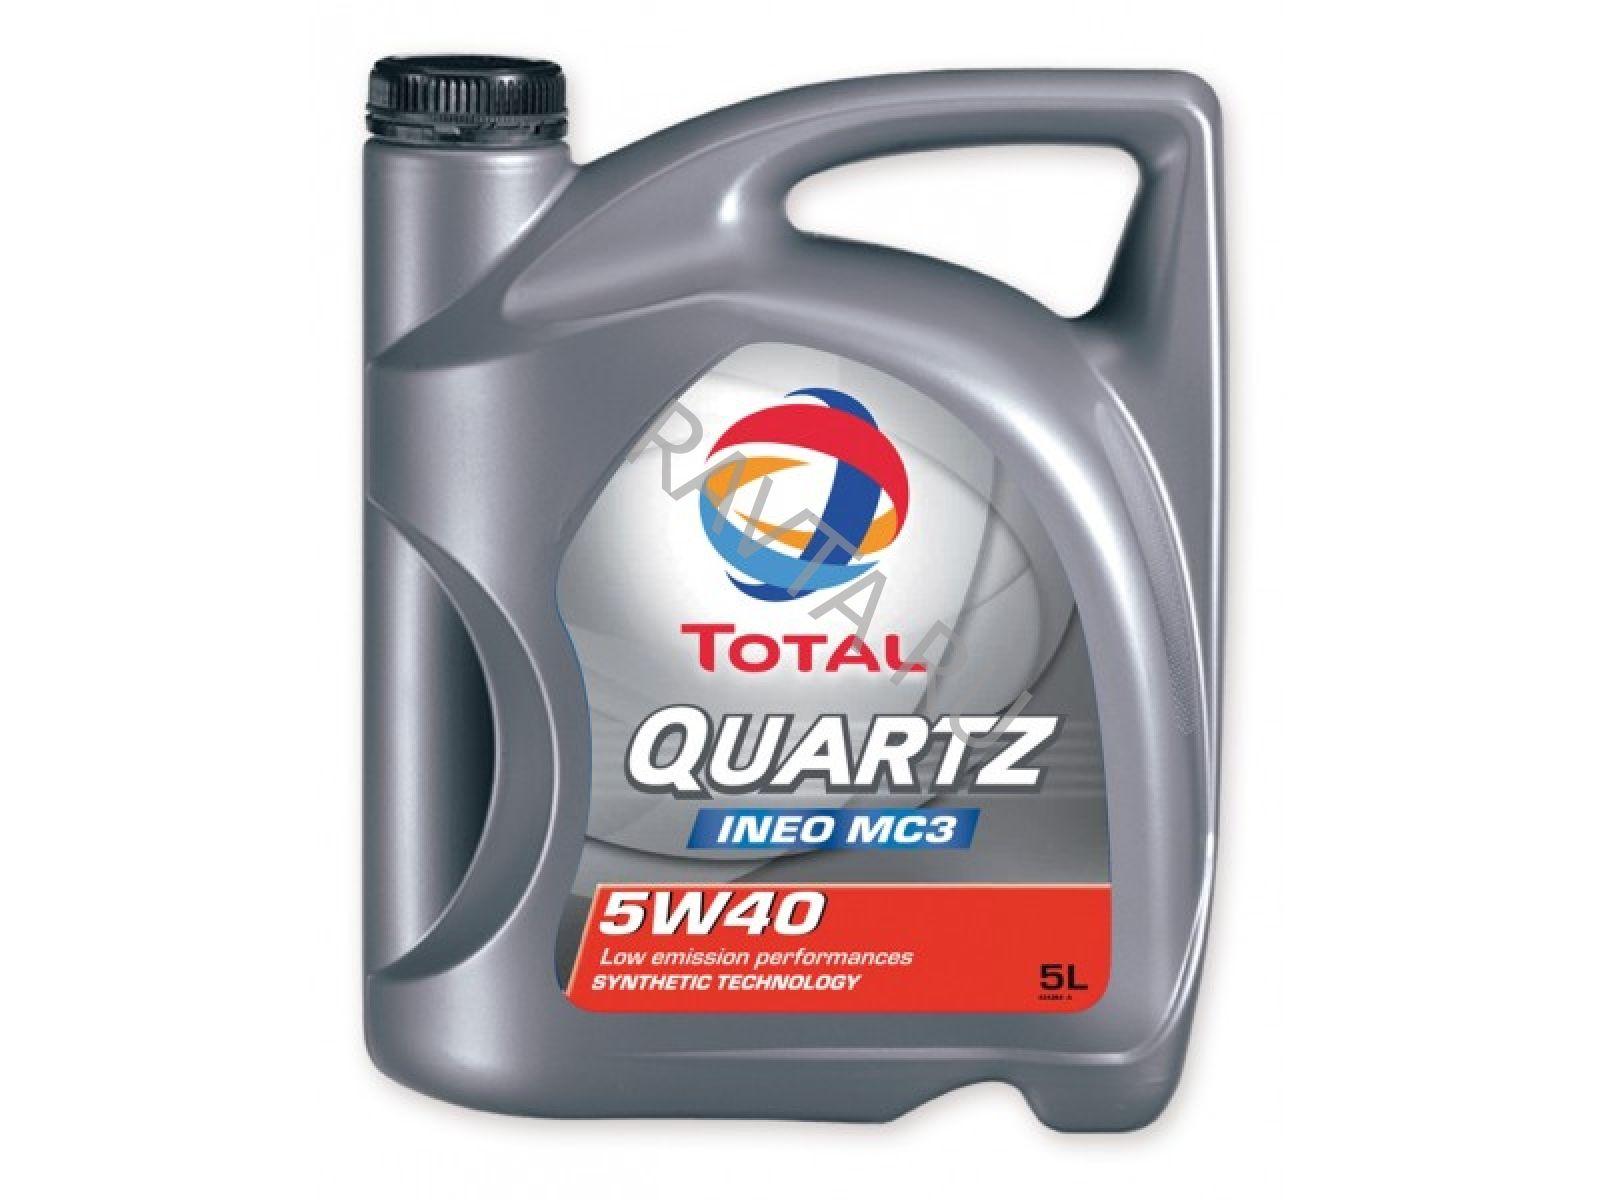 Масло Total Quartz Ineo MC3 5W-40 (5л) от Ravta